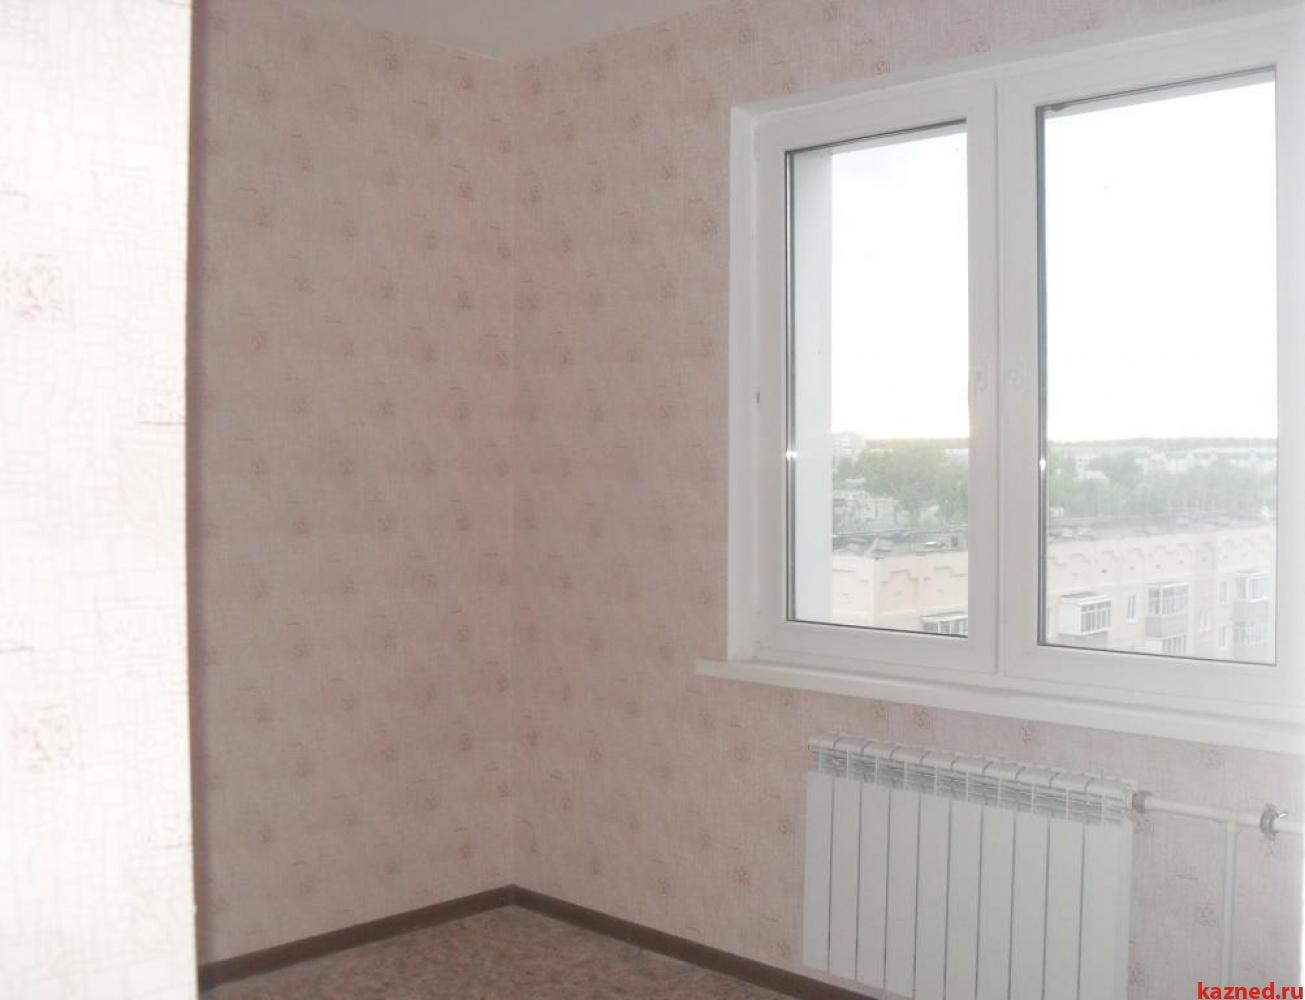 Продажа 2-к квартиры Привокзальная 52, 66 м2  (миниатюра №3)